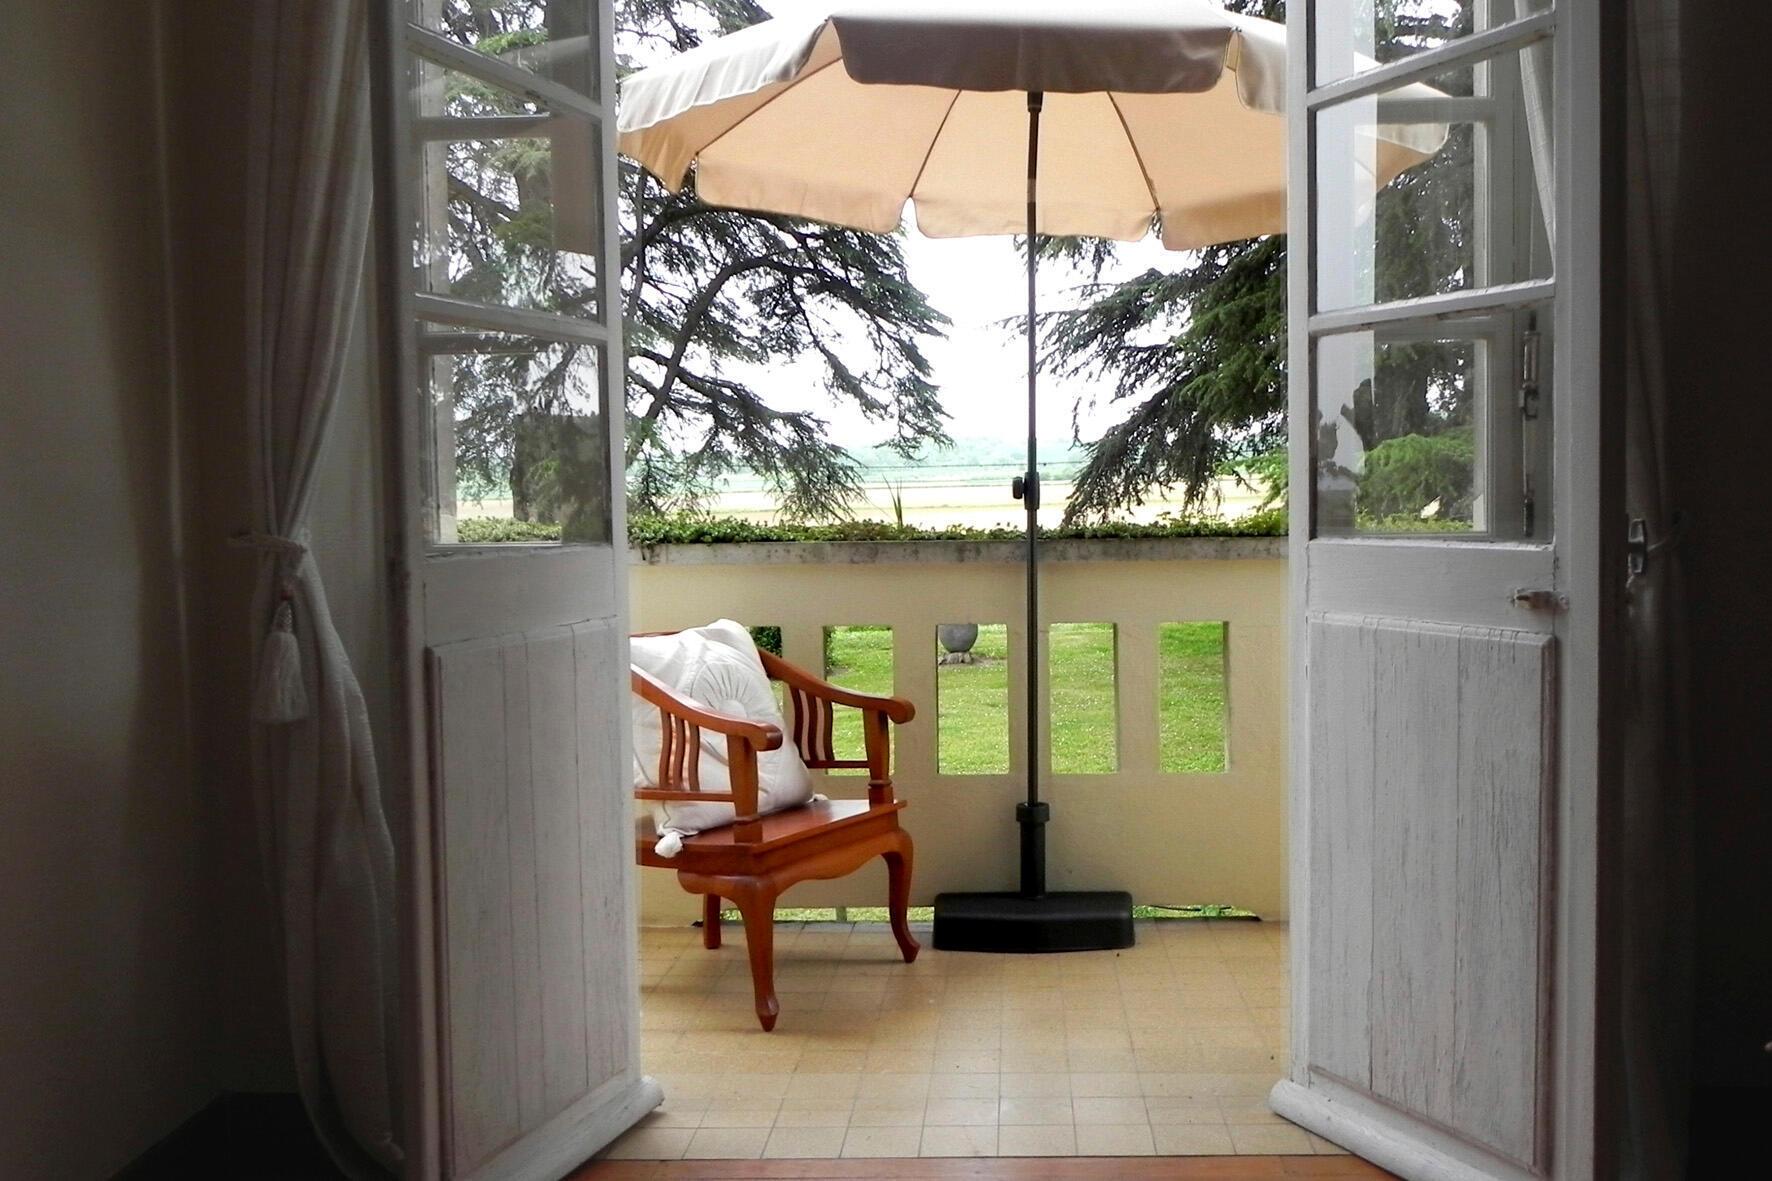 Base per ombrellone NATERIAL Balcone 20Kg 50 x 25 x 9 cm - 2